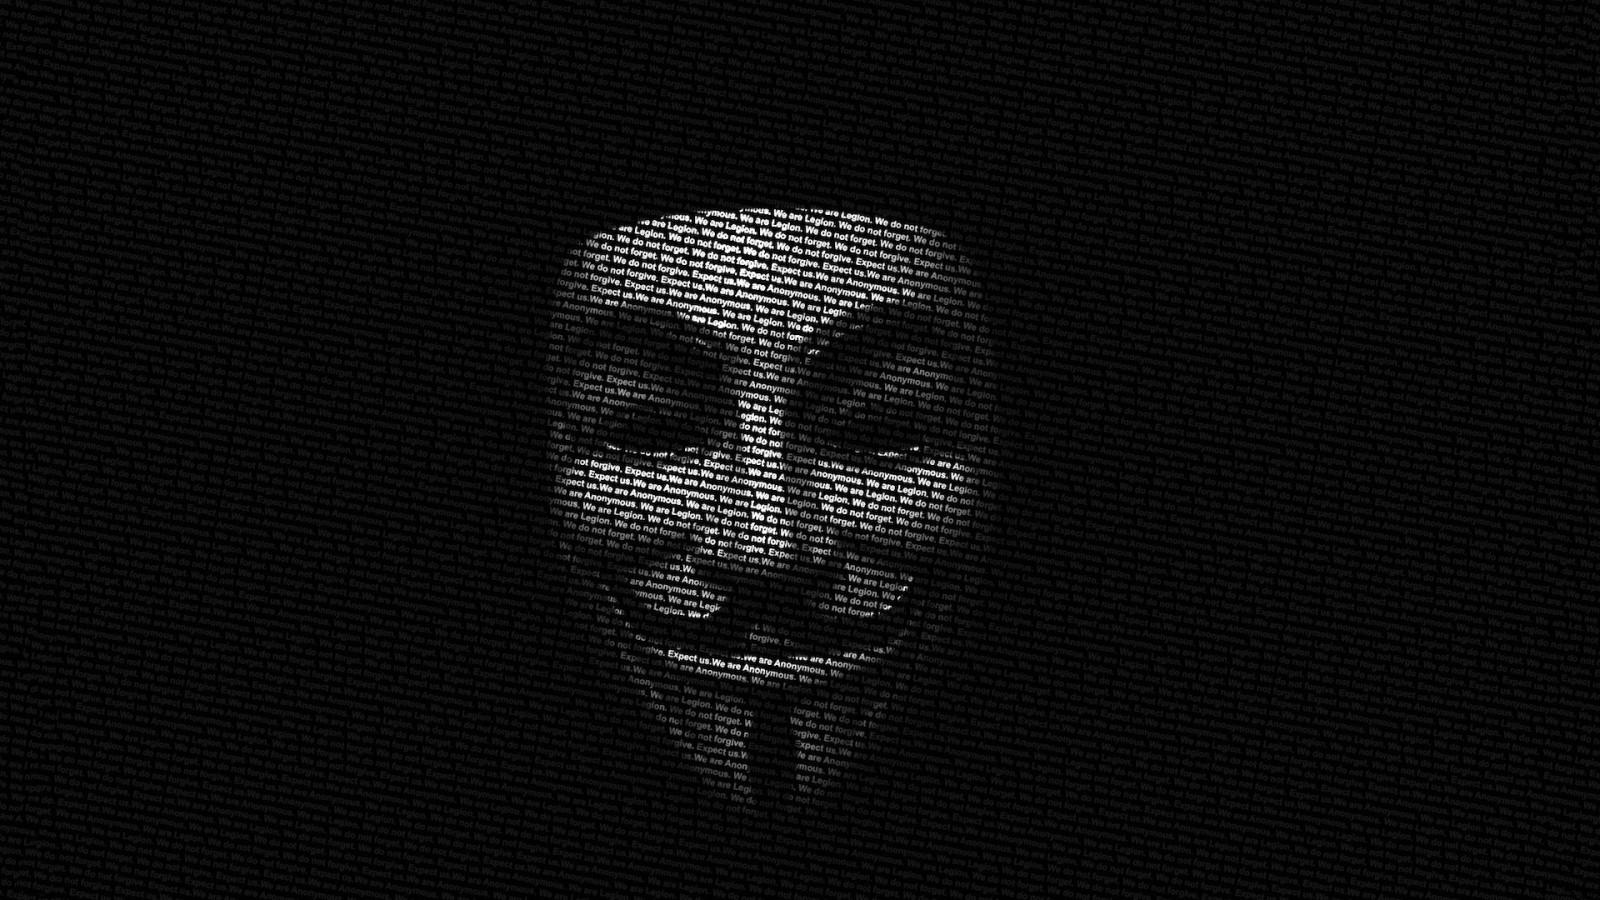 デスクトップ壁紙 黒い背景 タイポグラフィ テキスト ロゴ サークル 匿名 活字の肖像画 ヴェンデッタのv ブランド 闇 スクリーンショット コンピュータの壁紙 黒と白 モノクロ写真 フォント 19x1080 Hirano 12 デスクトップ壁紙 Wallhere